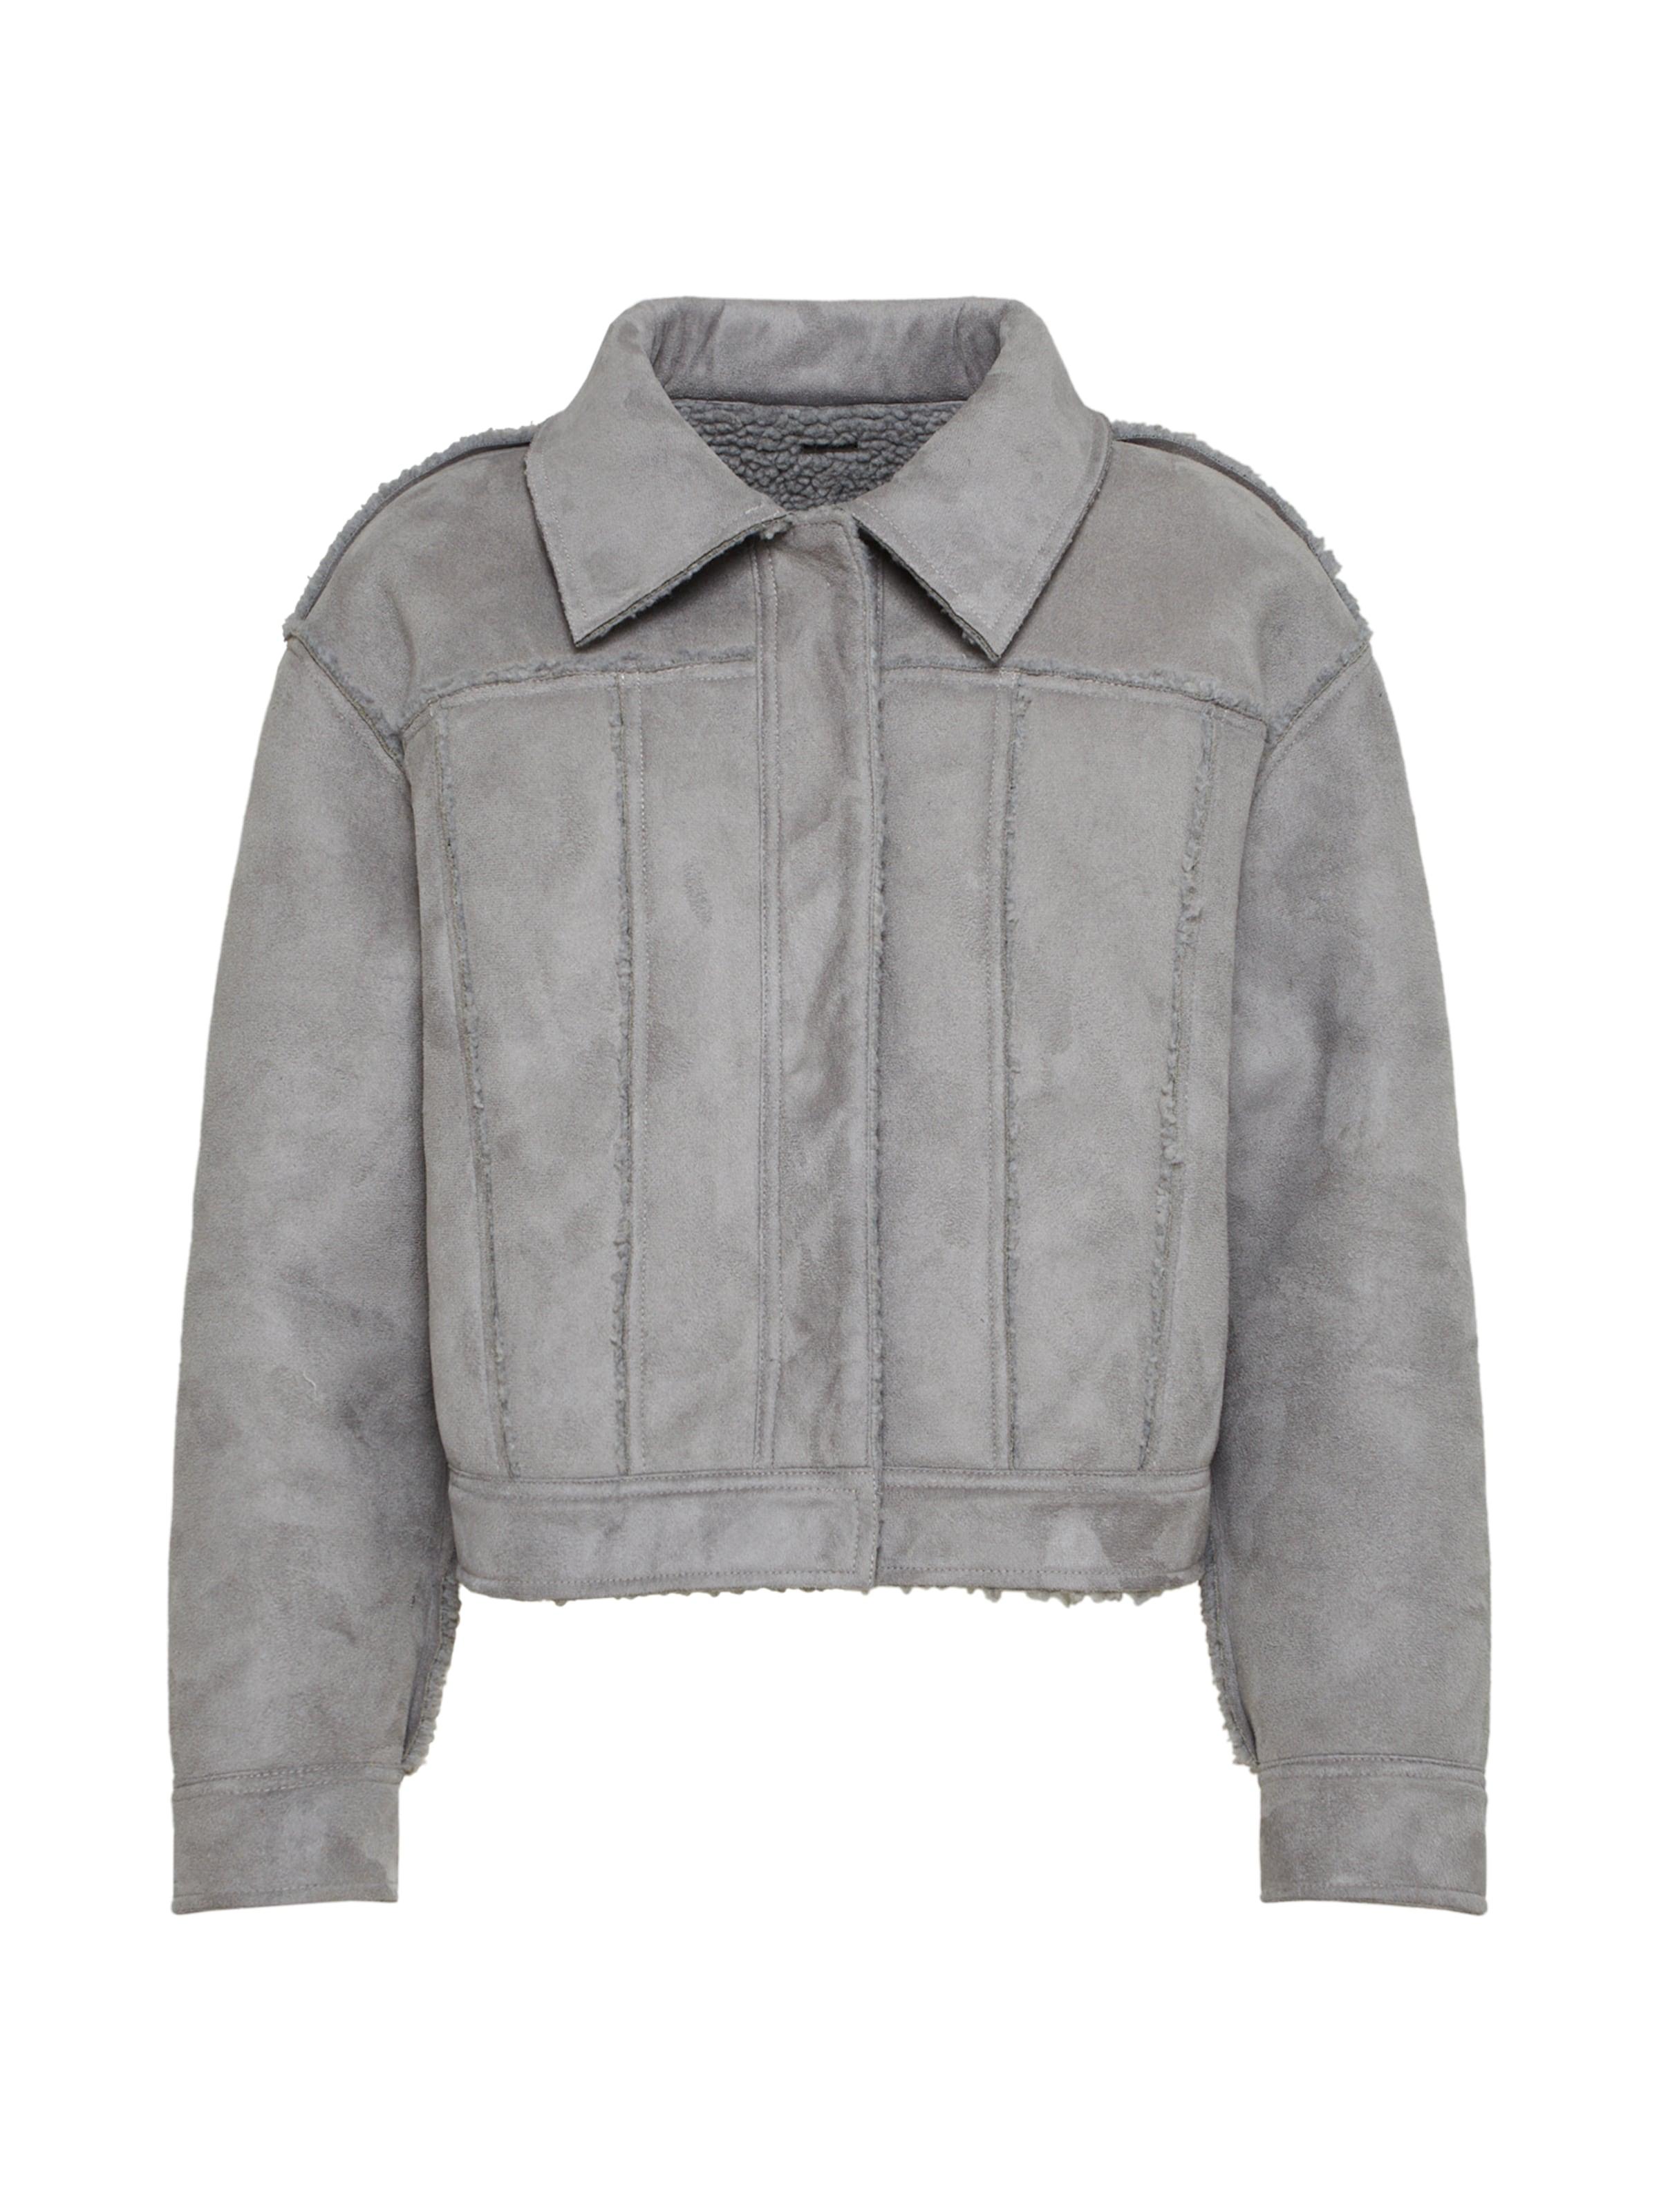 'andrea' Jeans Jacke In Grau Pepe rEdWQxoBCe